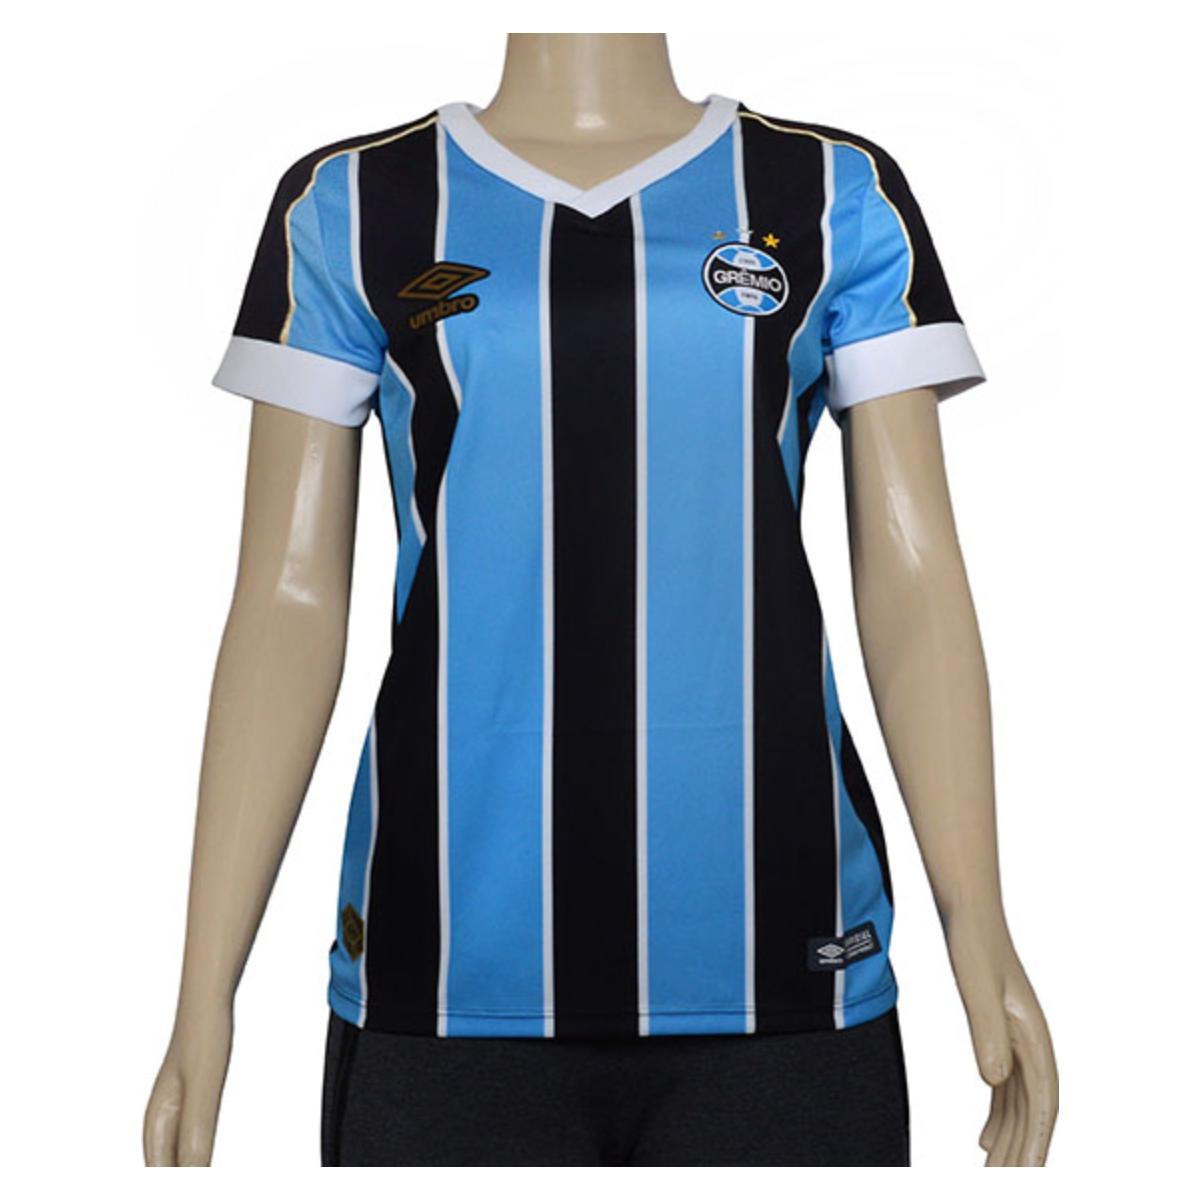 Camiseta Feminina 3g160782 Grêmio Of.1 2019 Tricolor